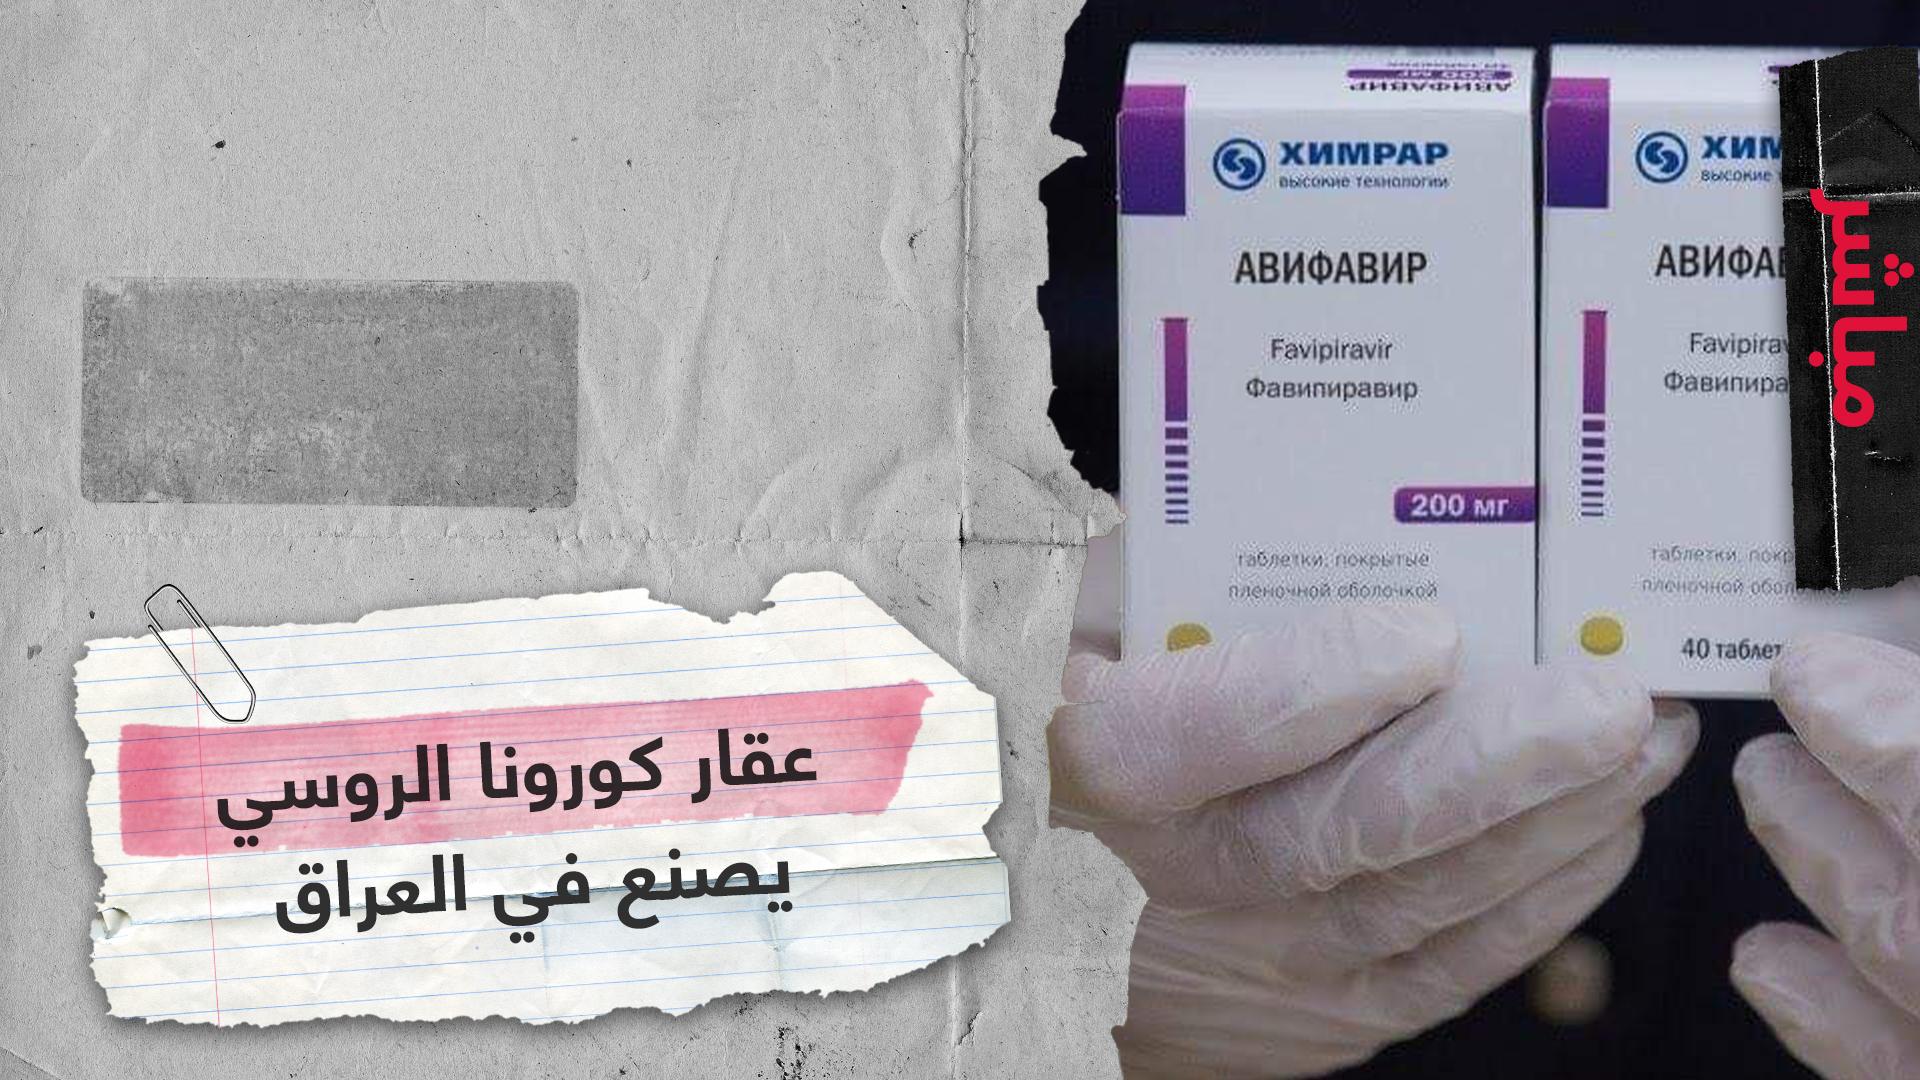 مدينة عراقية تعلن بدء تصنيع عدة علاجات لكورونا منها العقار الروسي